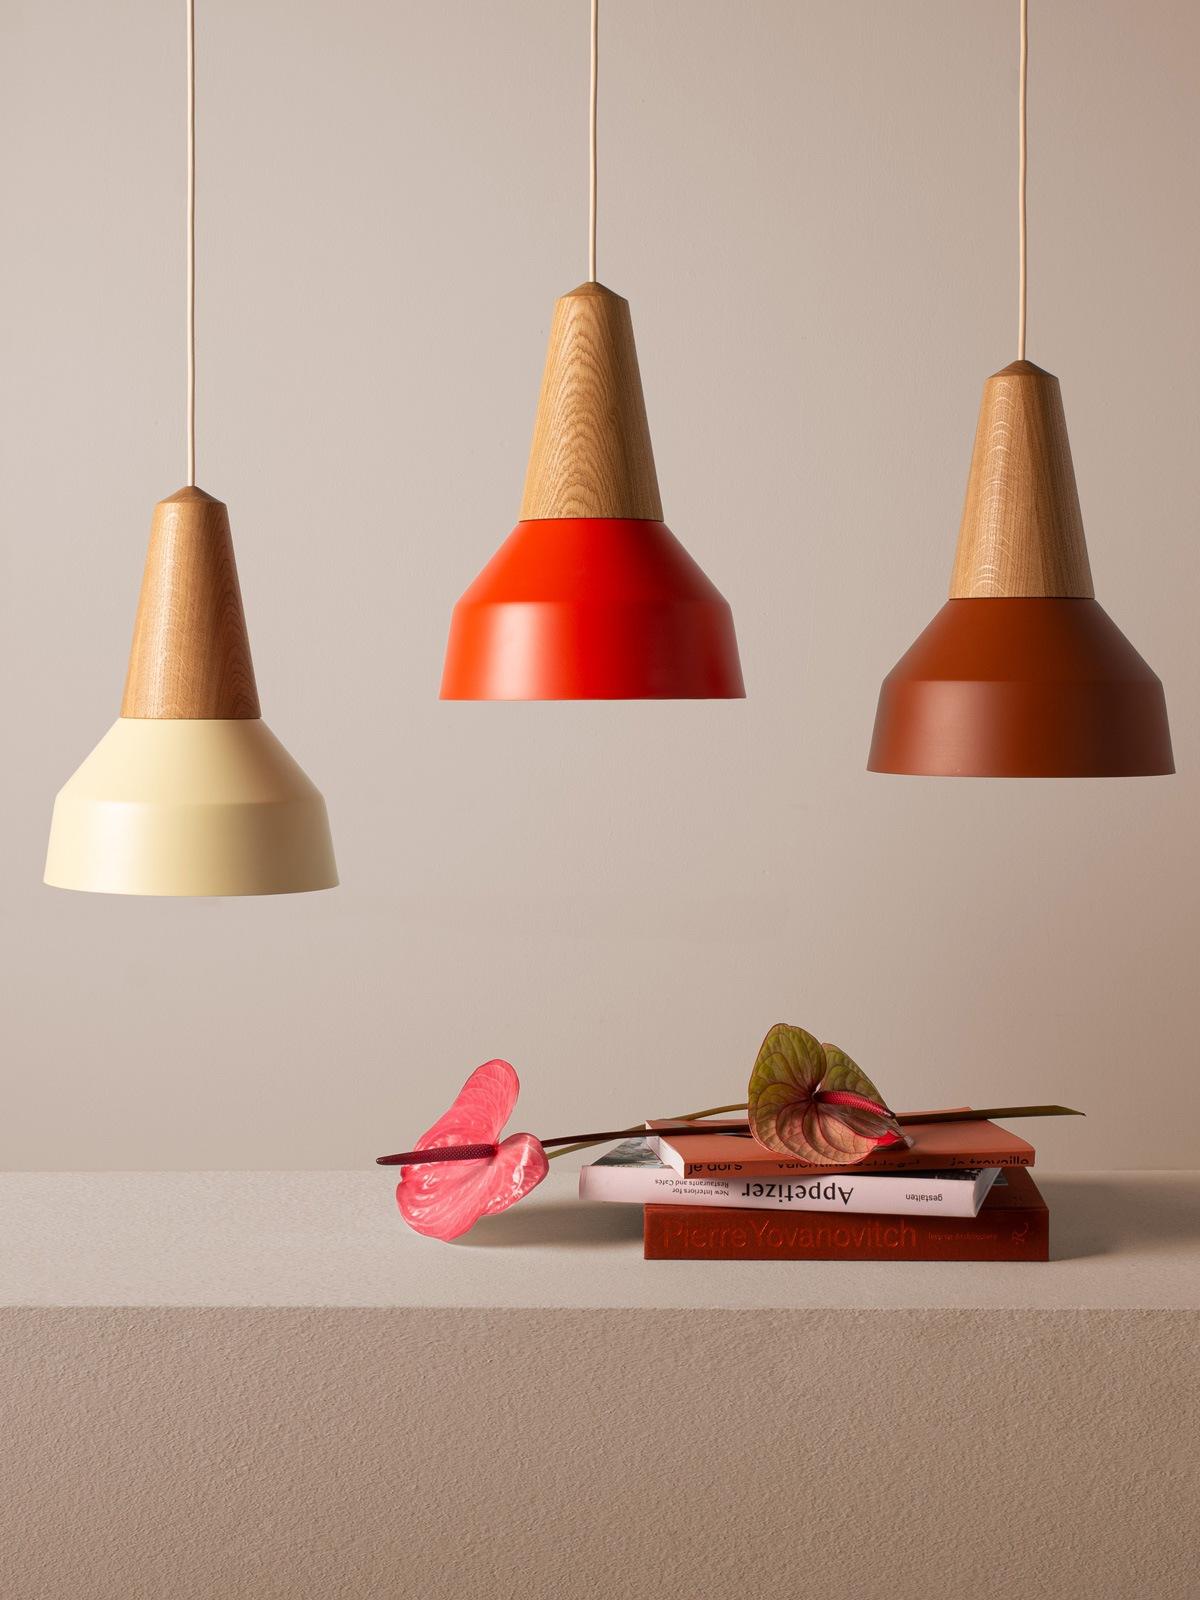 Schneid Eikon Basic Leuchte DesignOrt Onlineshop Berlin